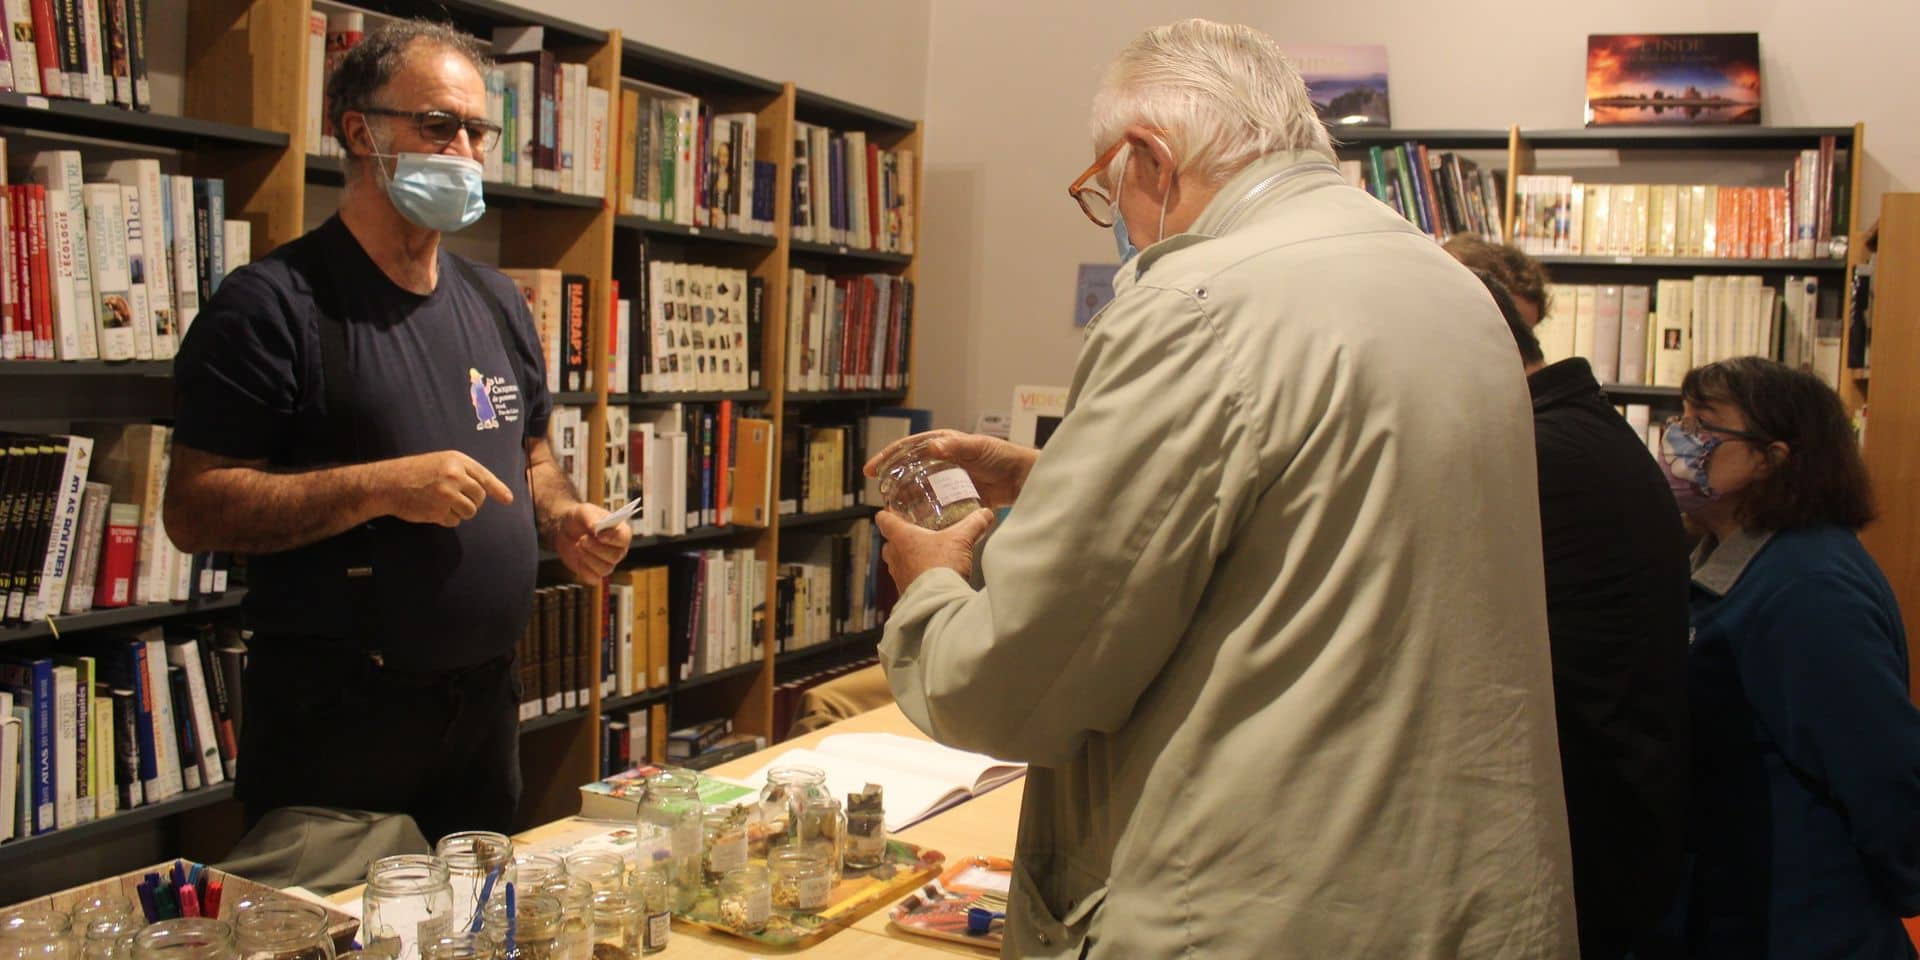 La bibliothèque de Fontaine-L'Evêque ouvre sa grainothèque